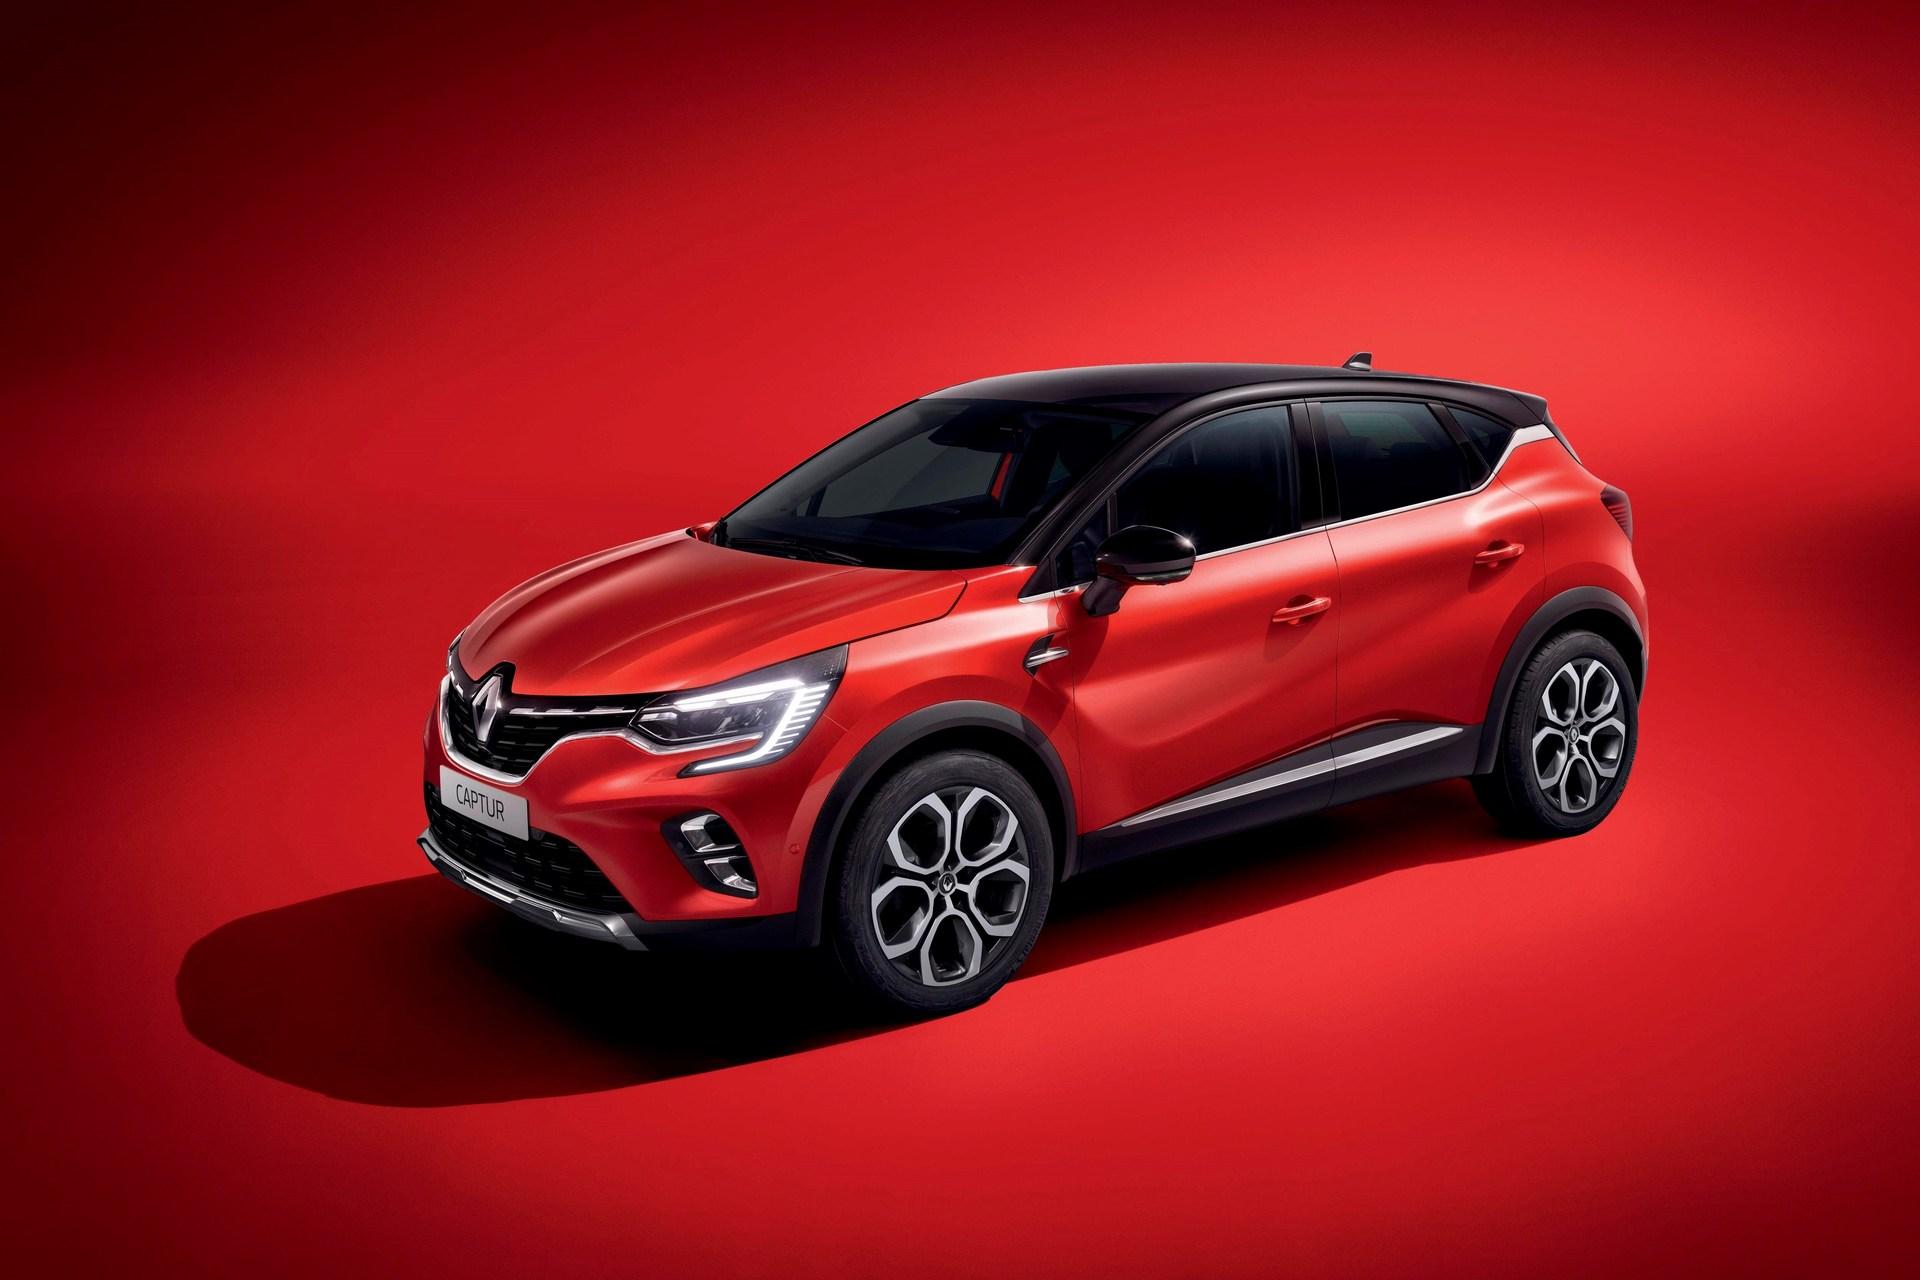 2019 Nouveau Renault Captur